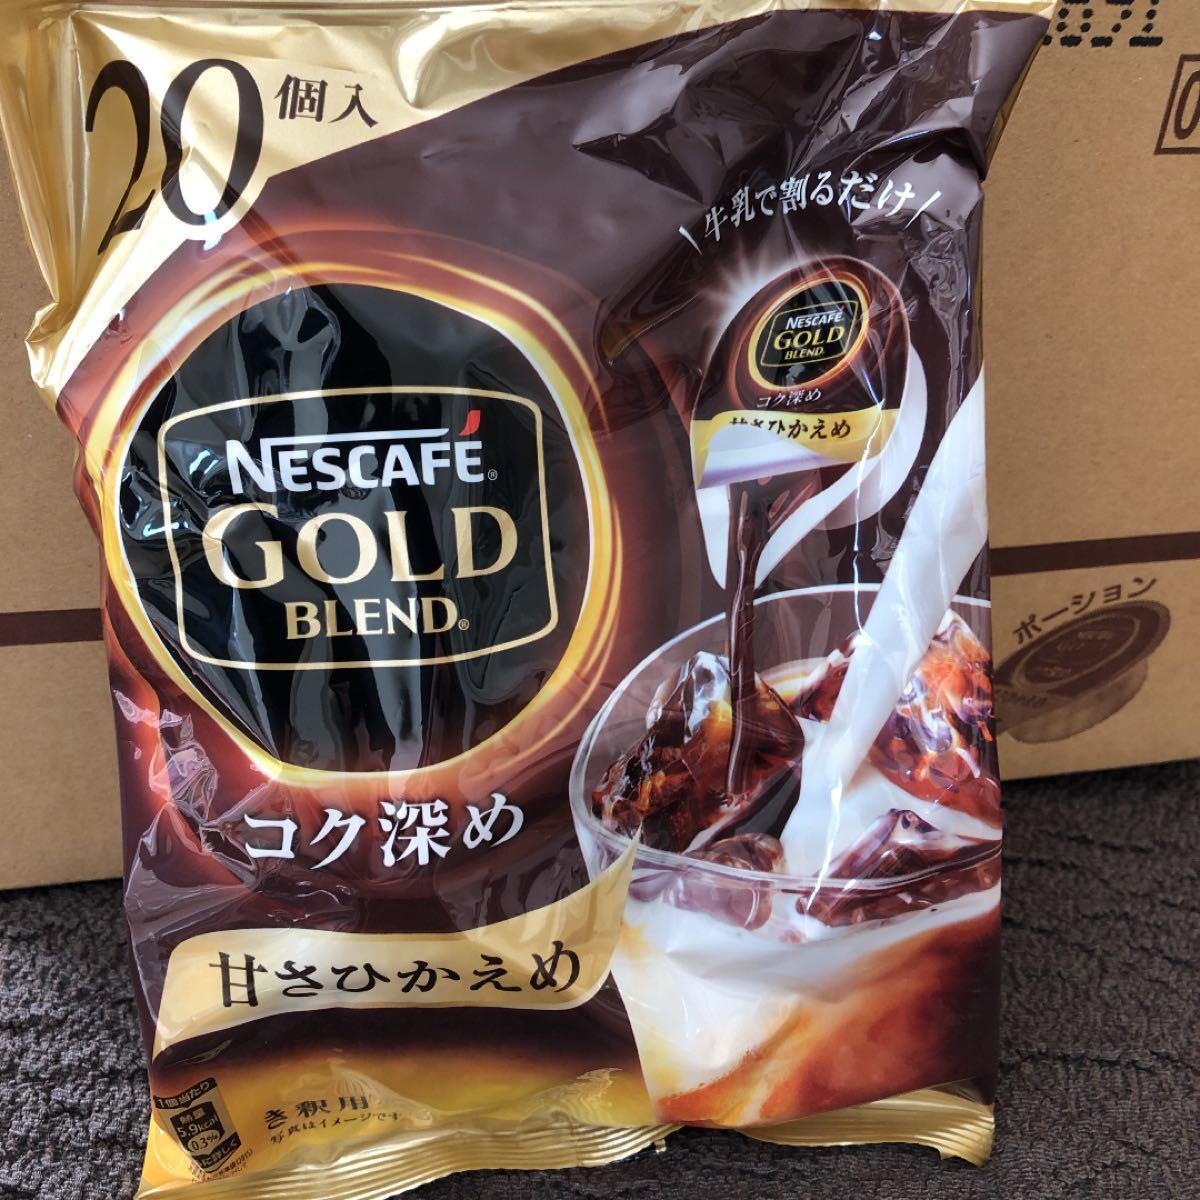 200杯ぶん ネスカフェゴールドブレンド ネスレ インスタントコーヒー ポーション アイスコーヒー